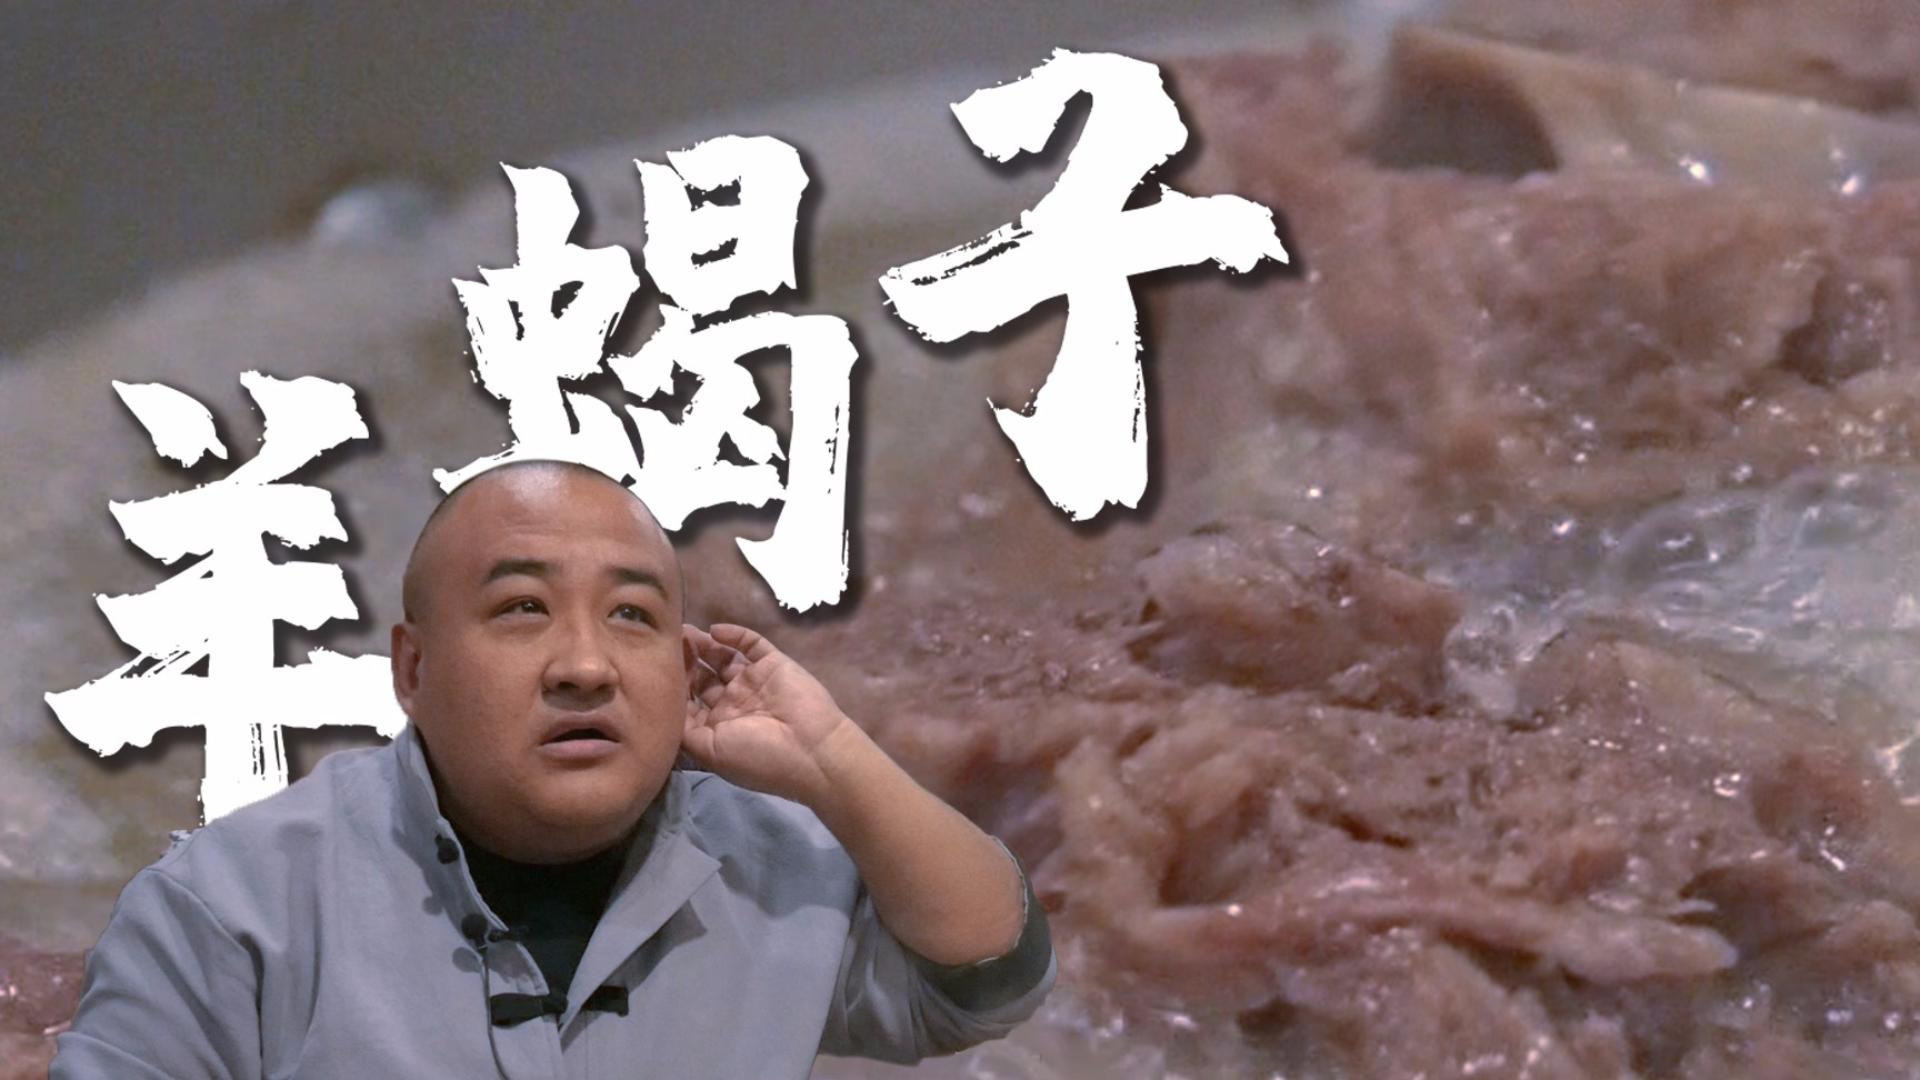 【吃货请闭眼】吃298一锅羊蝎子?吃羊肉冬季大补,拿手啃着吃才过瘾!